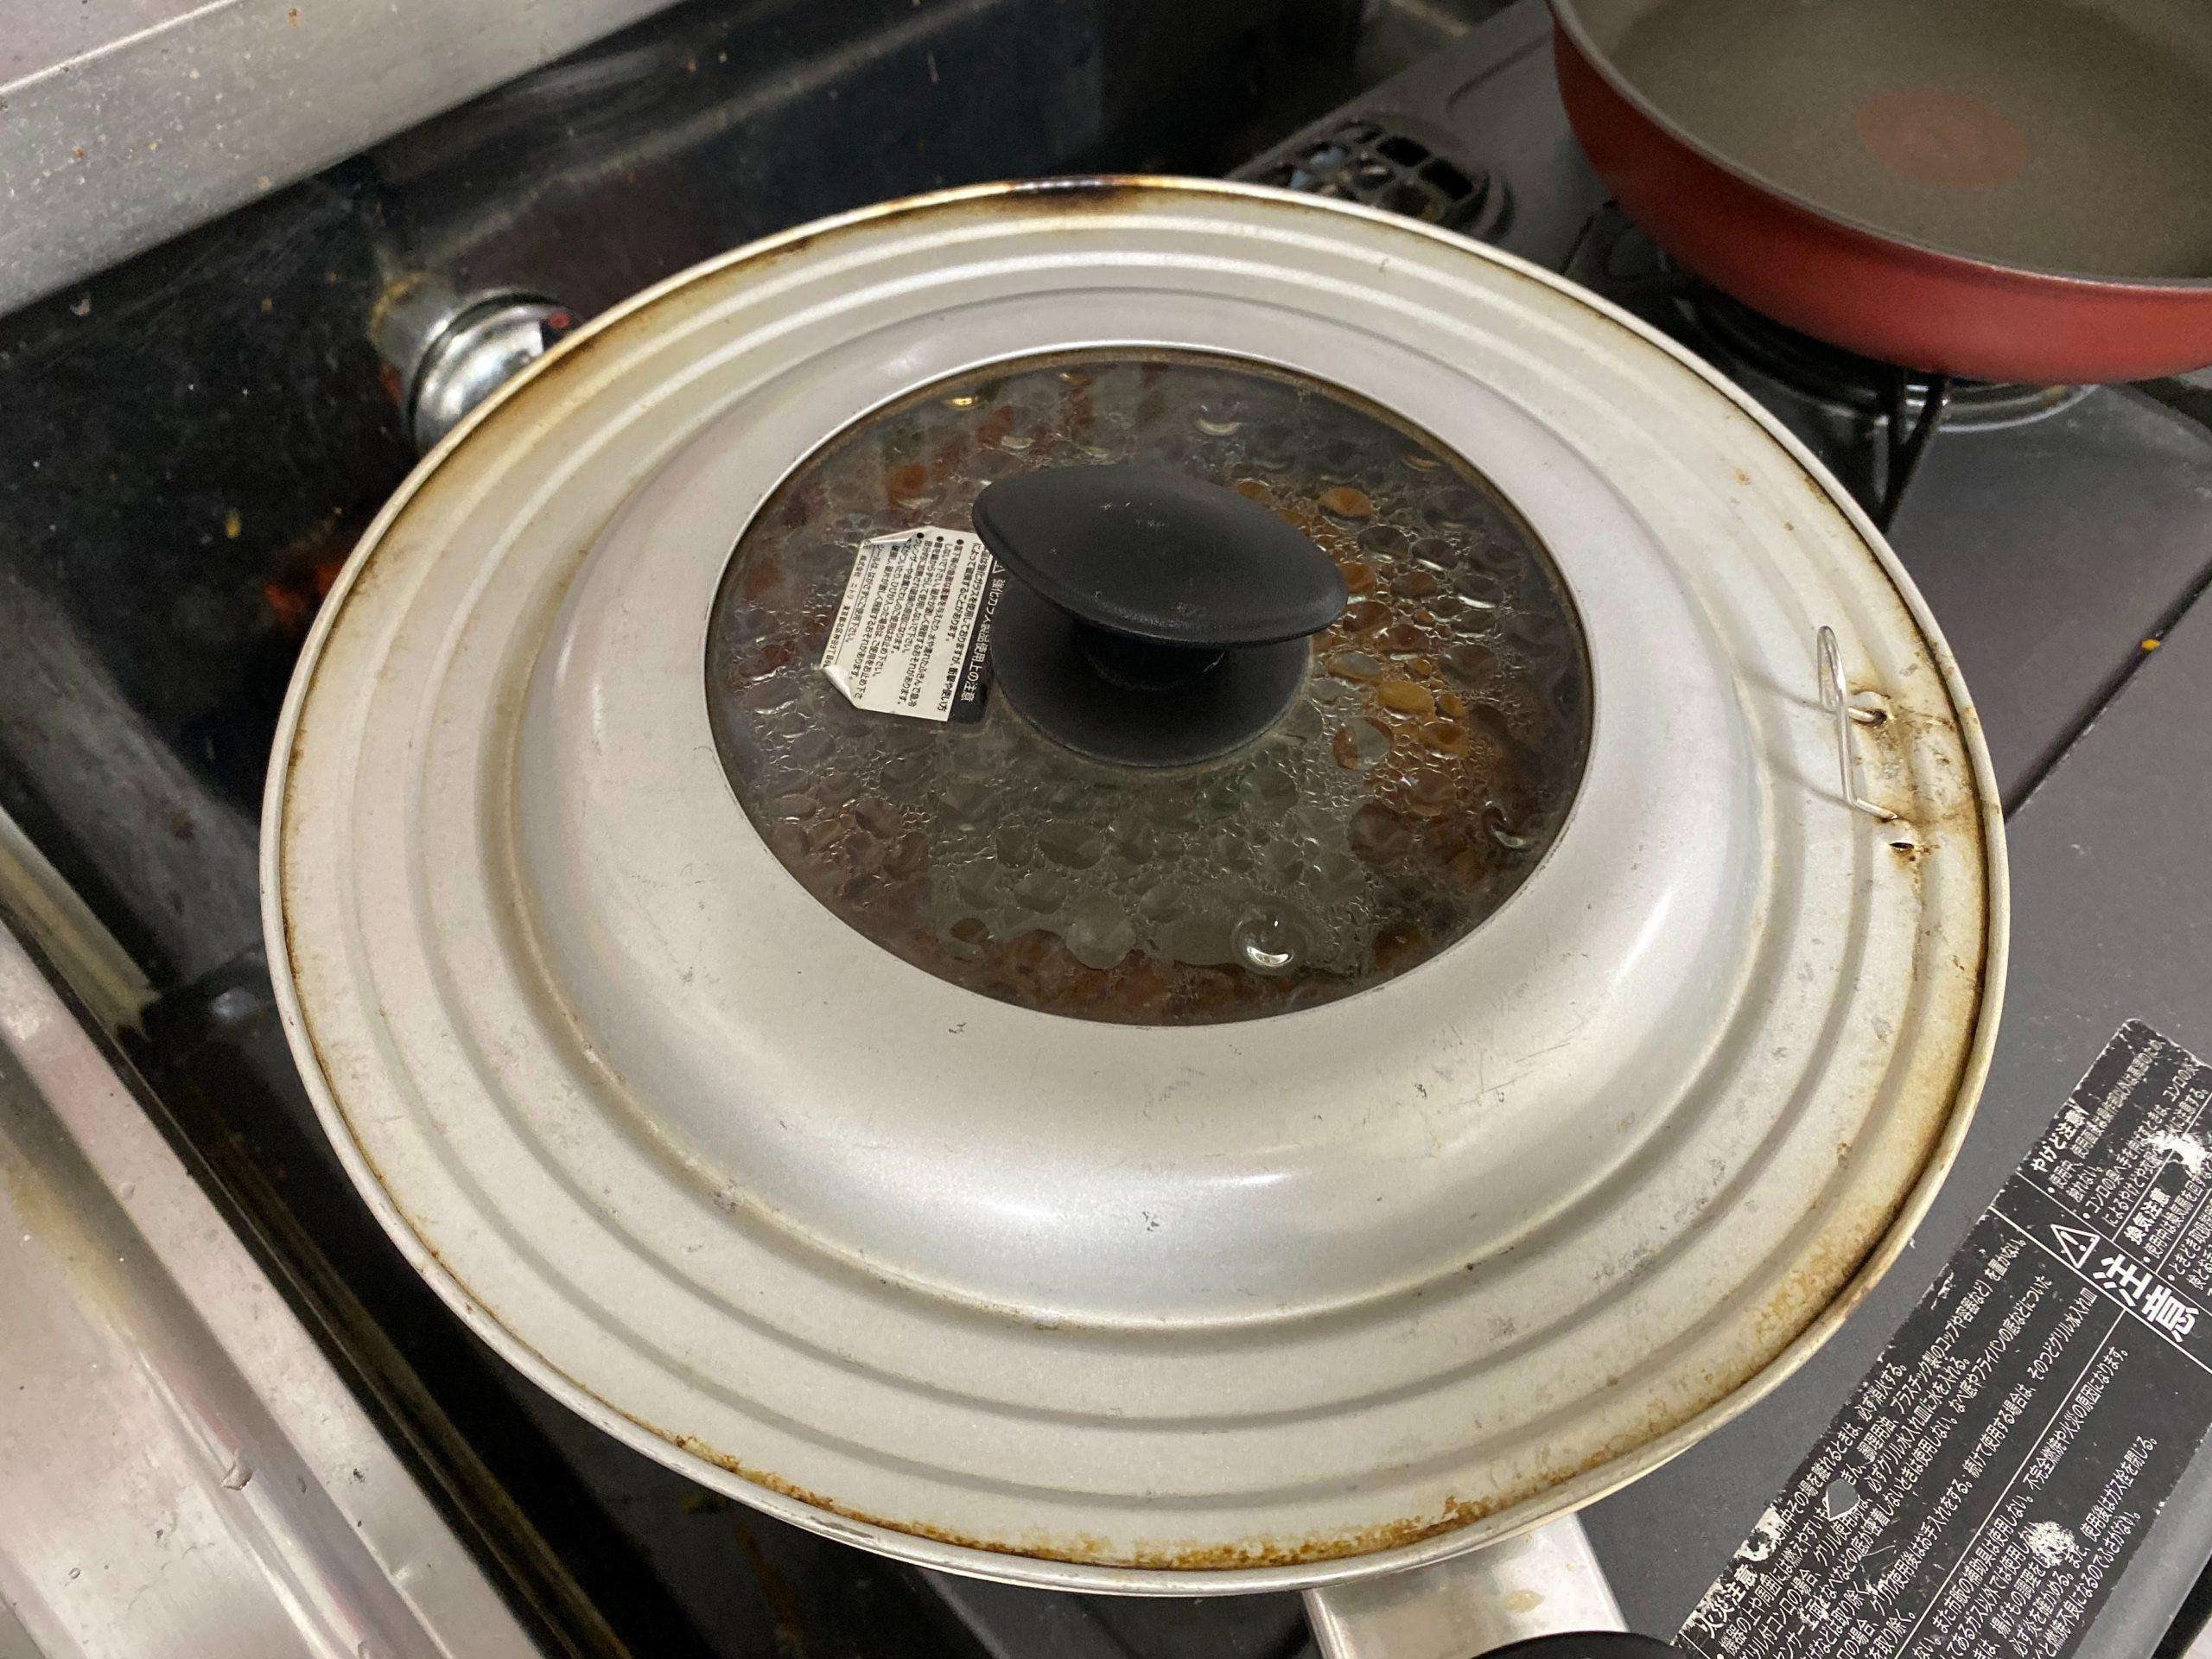 ふたを閉めて弱火で湯煎しました